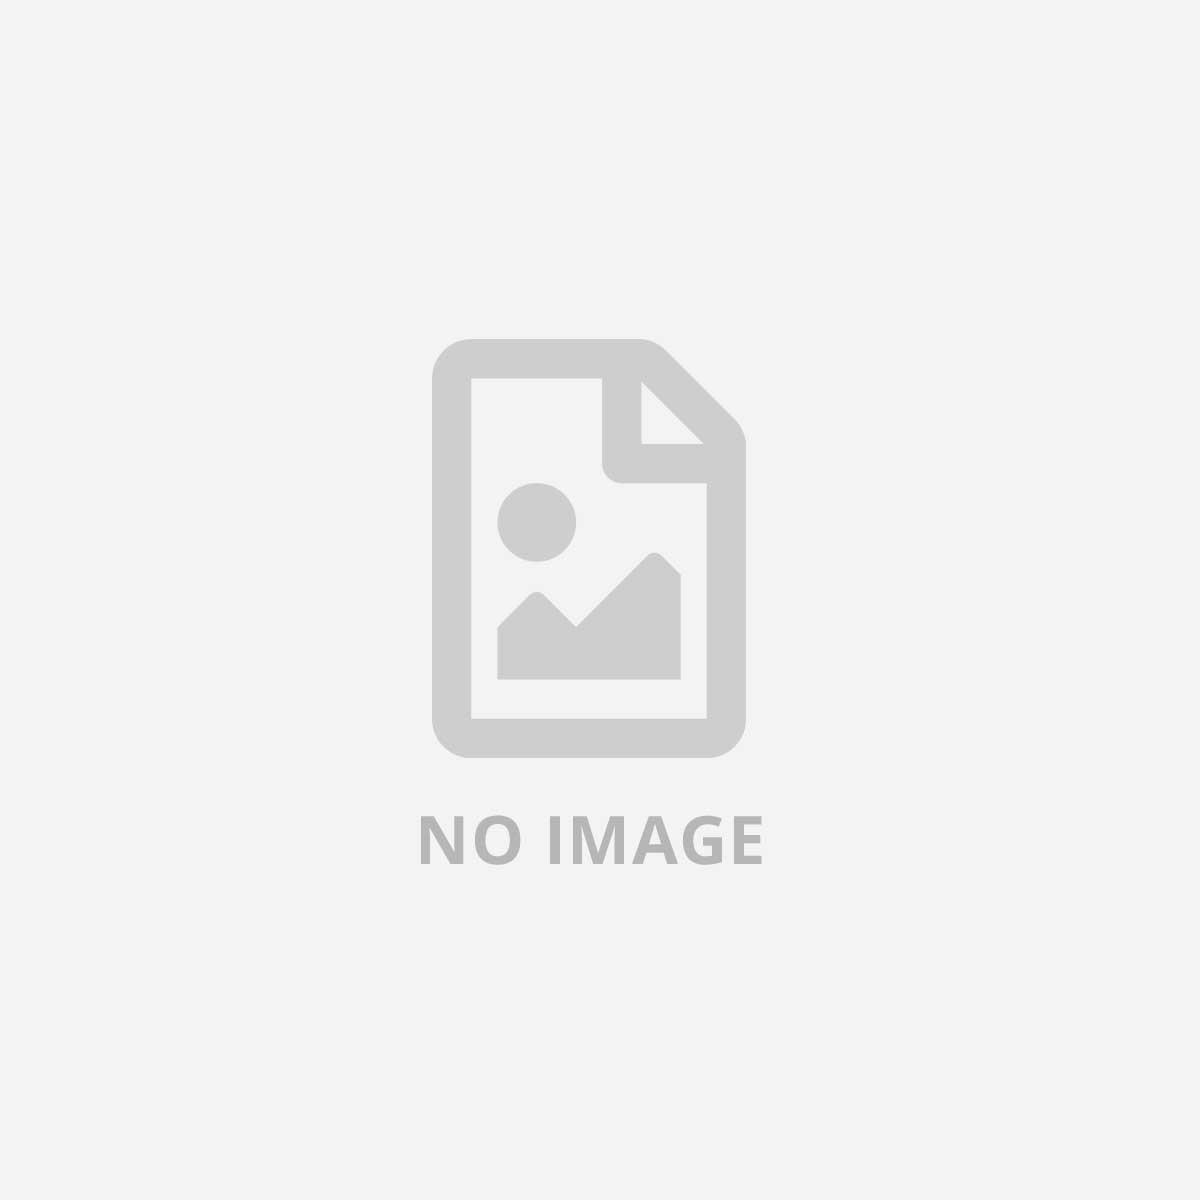 NILOX PCI EXPRESS 1USB3.0+1USBC+LOW PROF